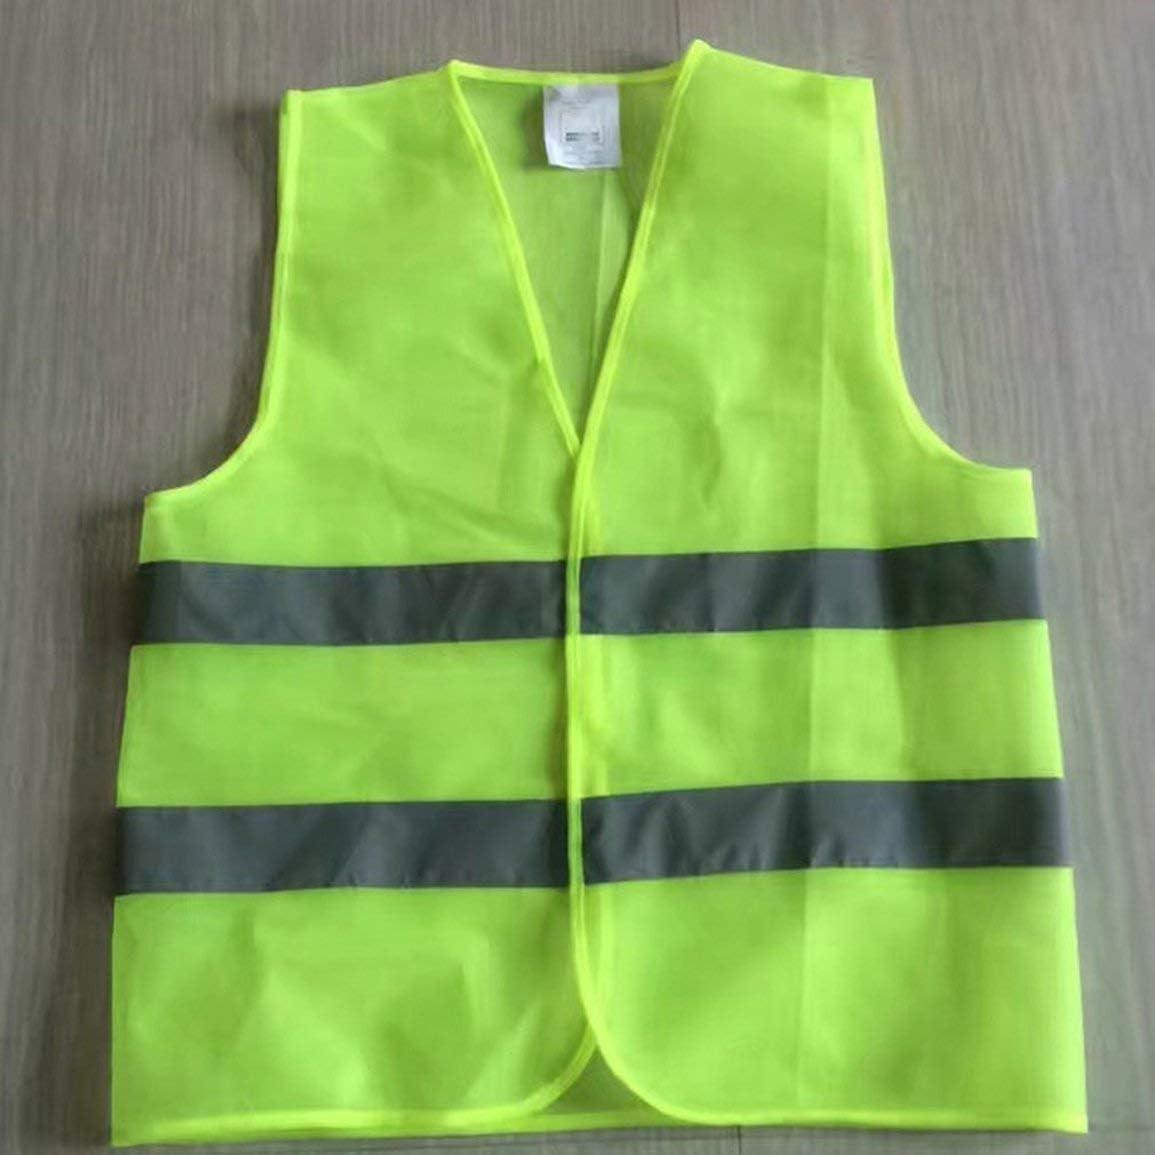 Gilet r/éfl/échissant Avertissement V/êtements de Travail Haute visibilit/é Jour Nuit Plastron pour la Course de s/écurit/é /à v/élo trafic